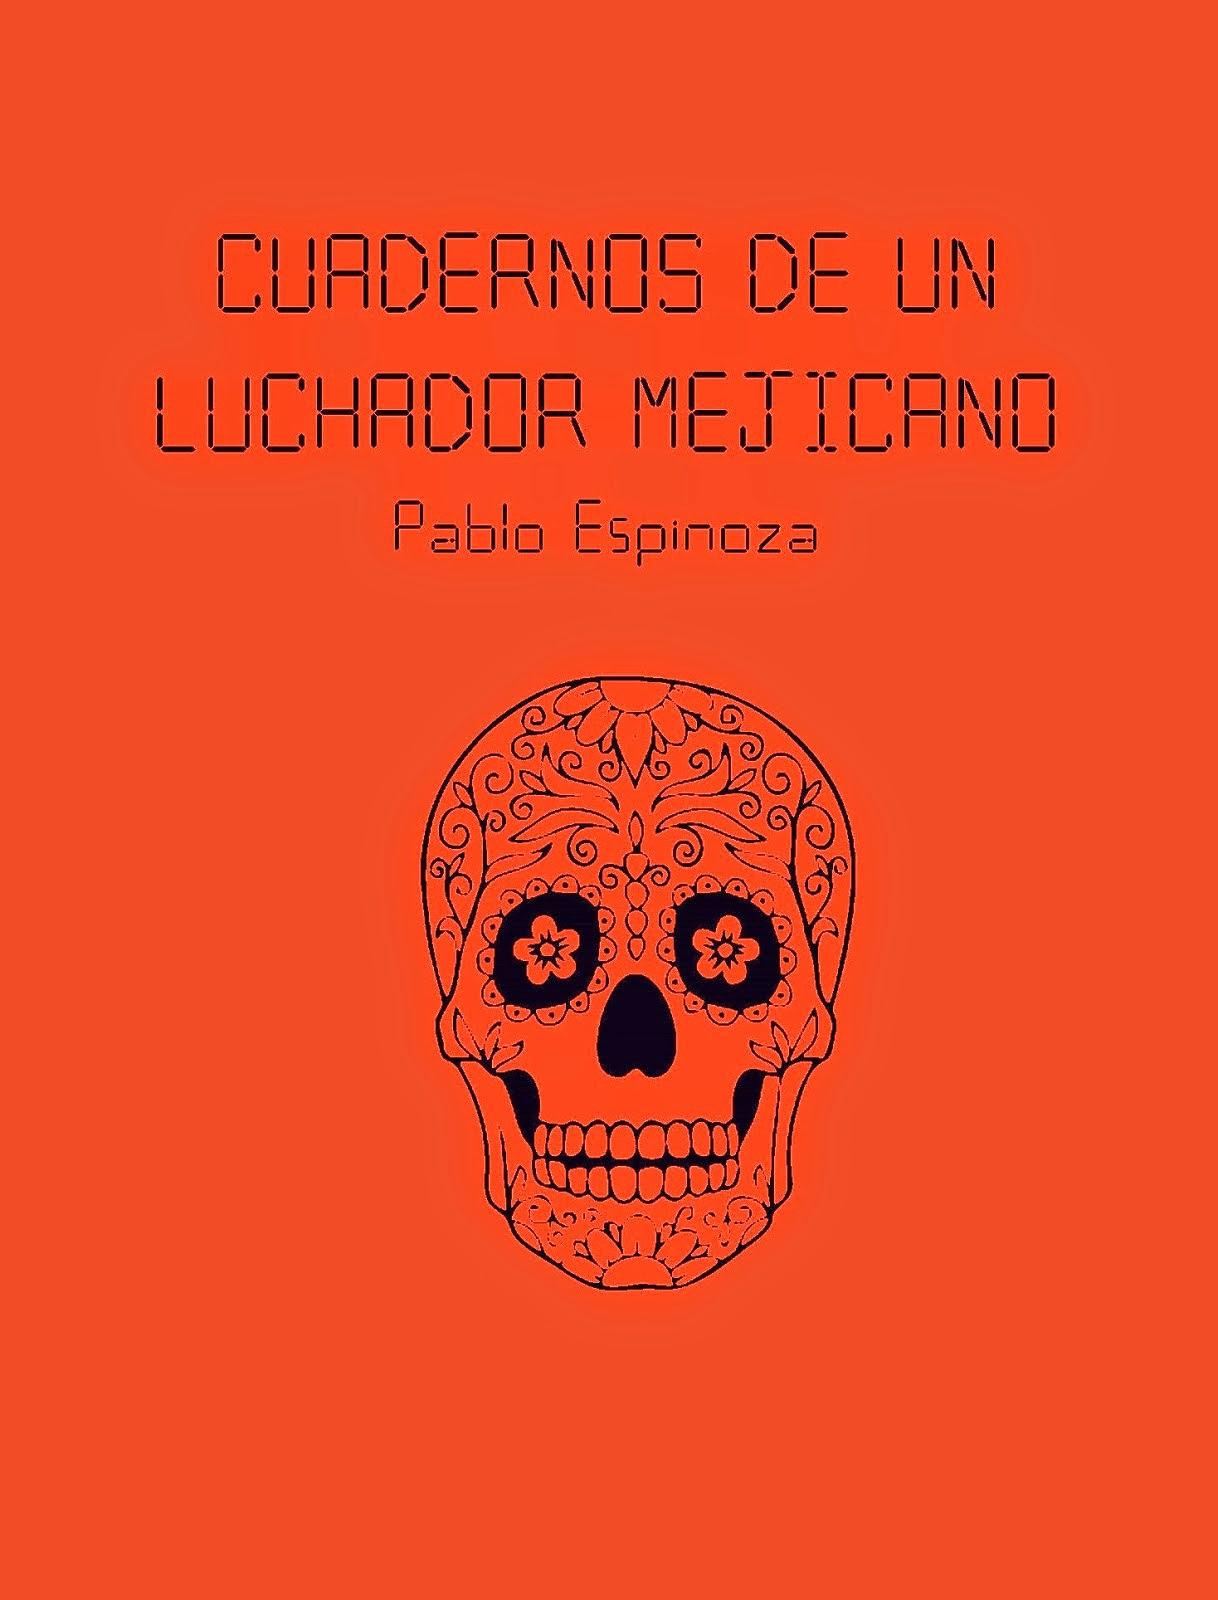 Cuadernos de un luchador mejicano (poemas, 2010)